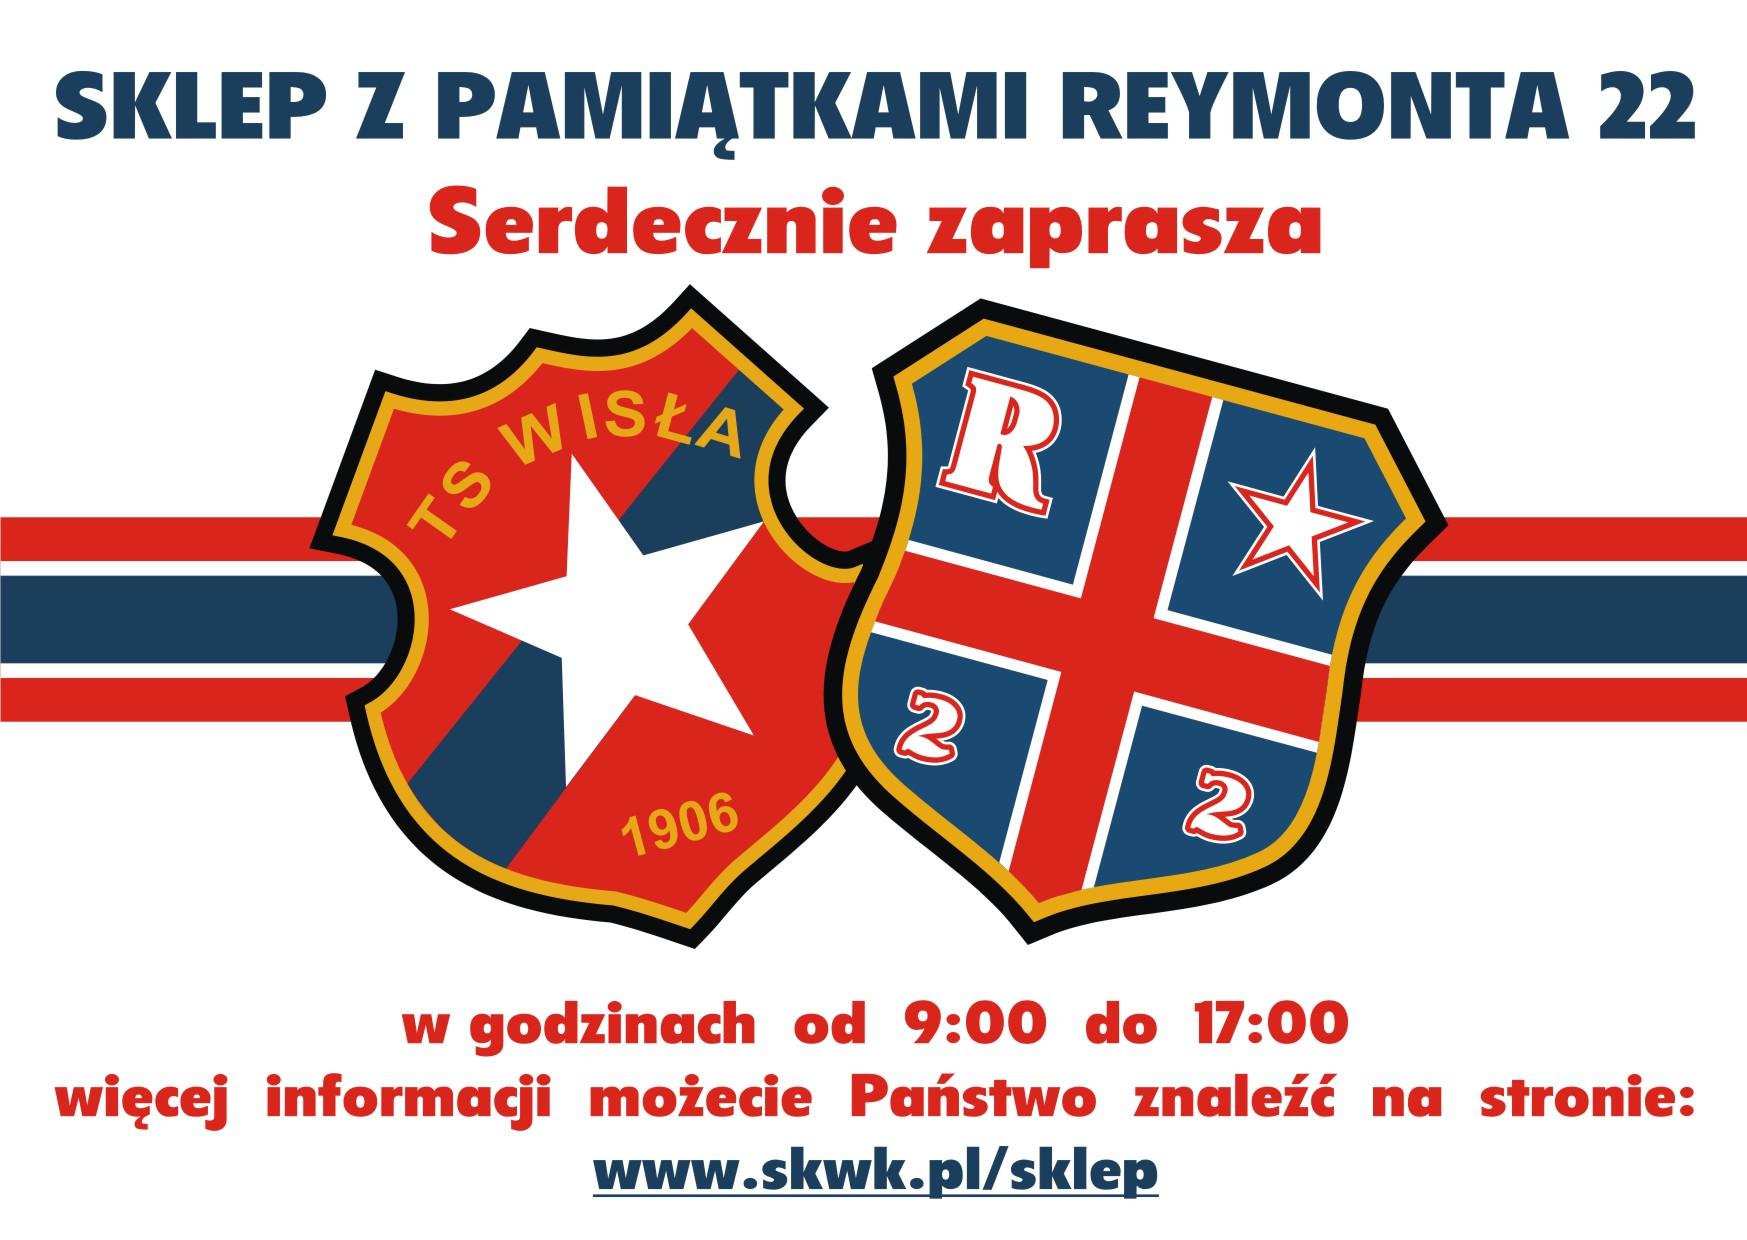 Ulotka Reymonta 22